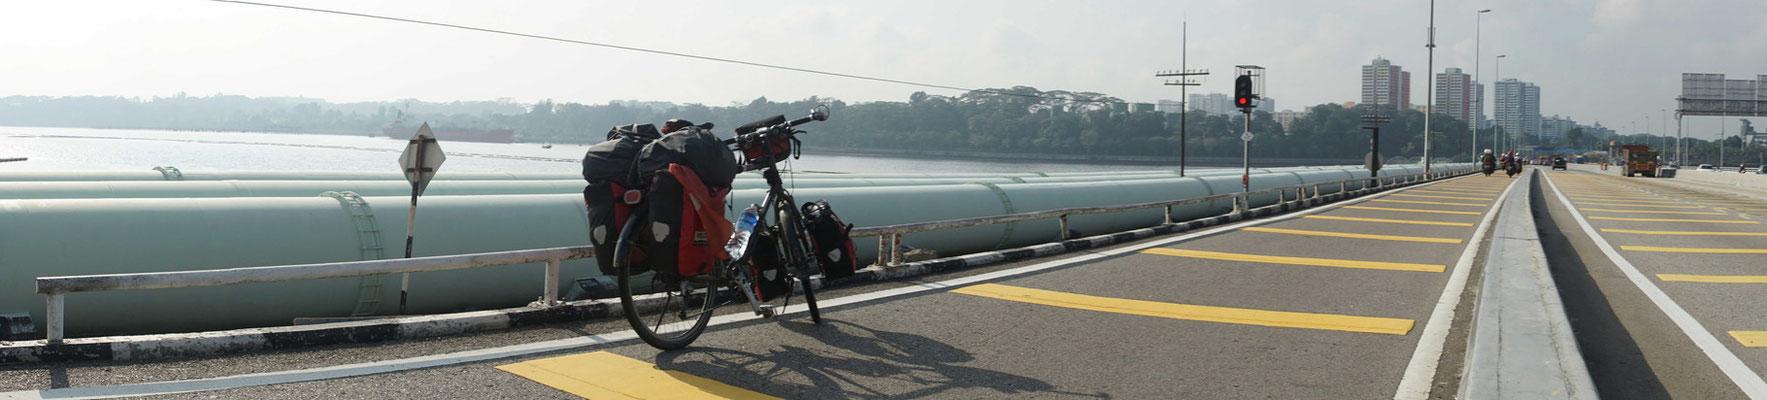 Auf dem Causeway in Richtung Singapur unterwegs...